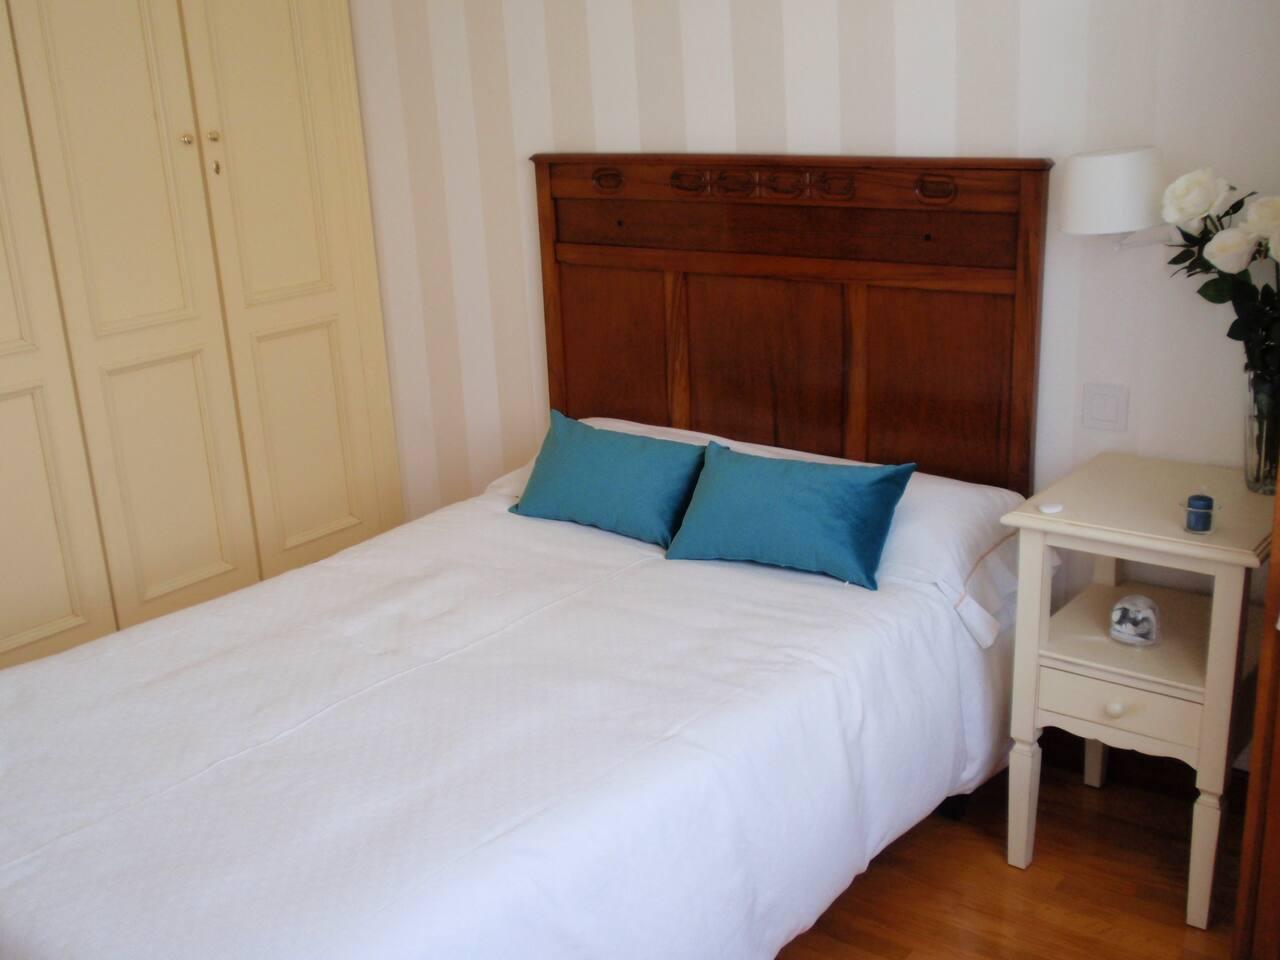 Acogedora habitación, céntrica y tranquila